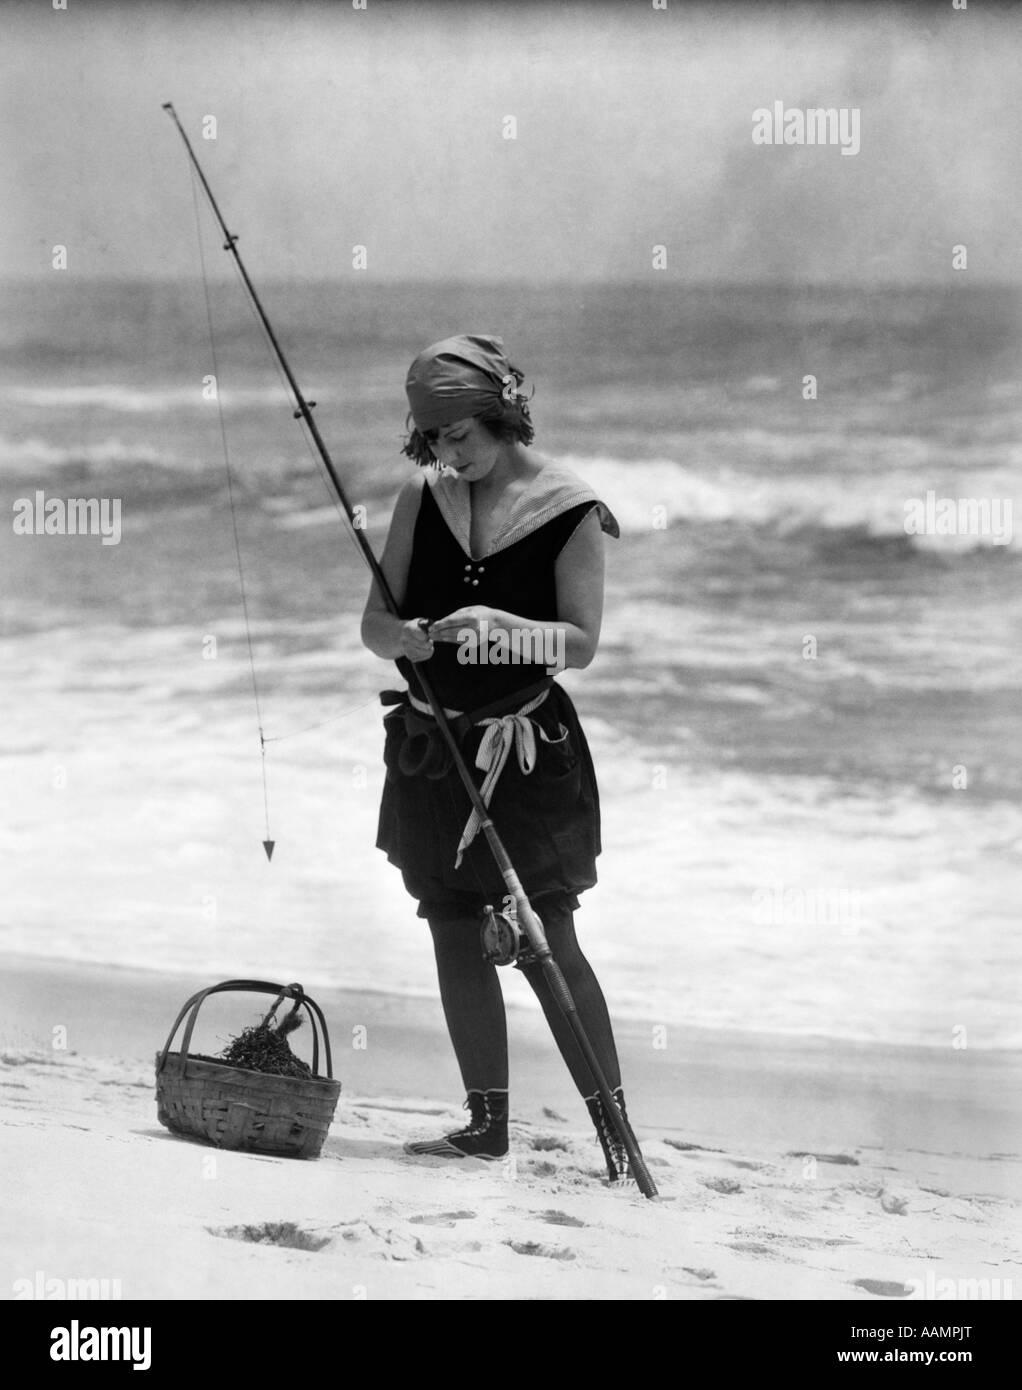 1920s DONNA IN COSTUME DA BAGNO COSTUME PERMANENTE SULLA SPIAGGIA mettendo esca sul surf pesca polo Immagini Stock